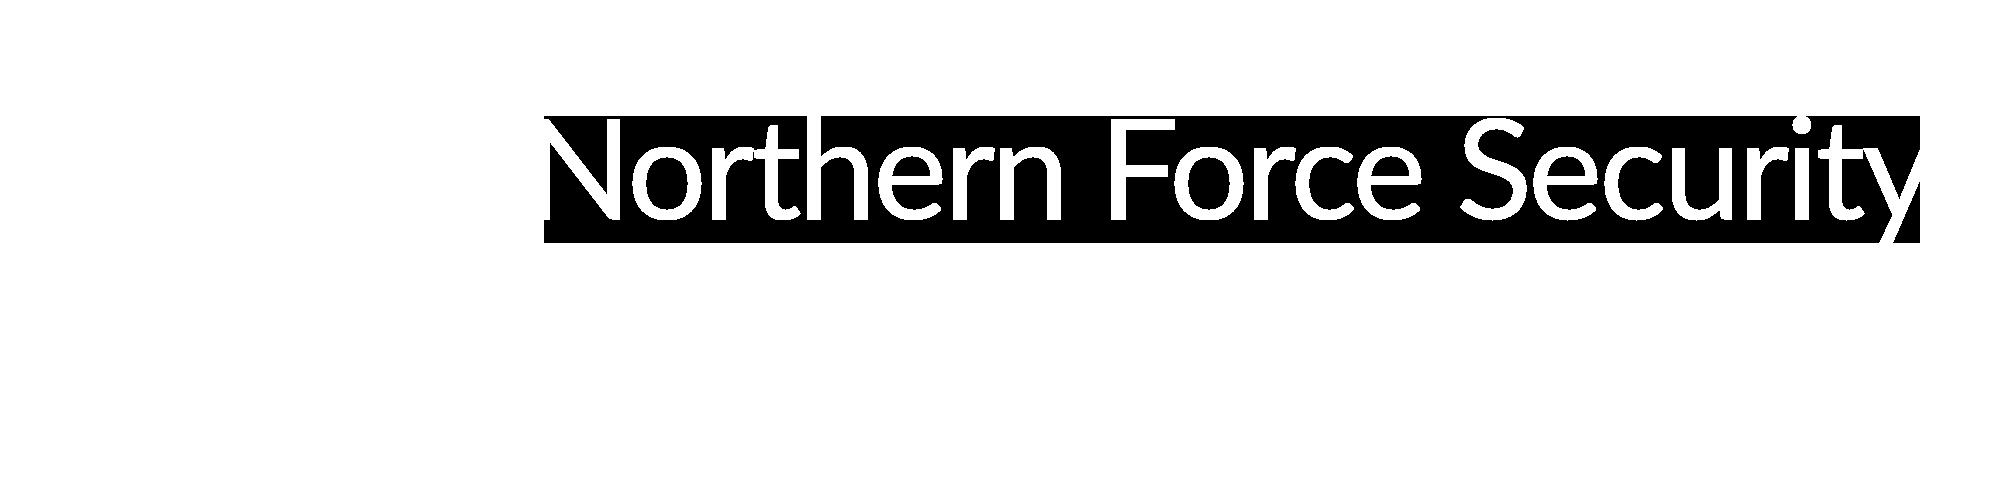 NFS Cannabis Security